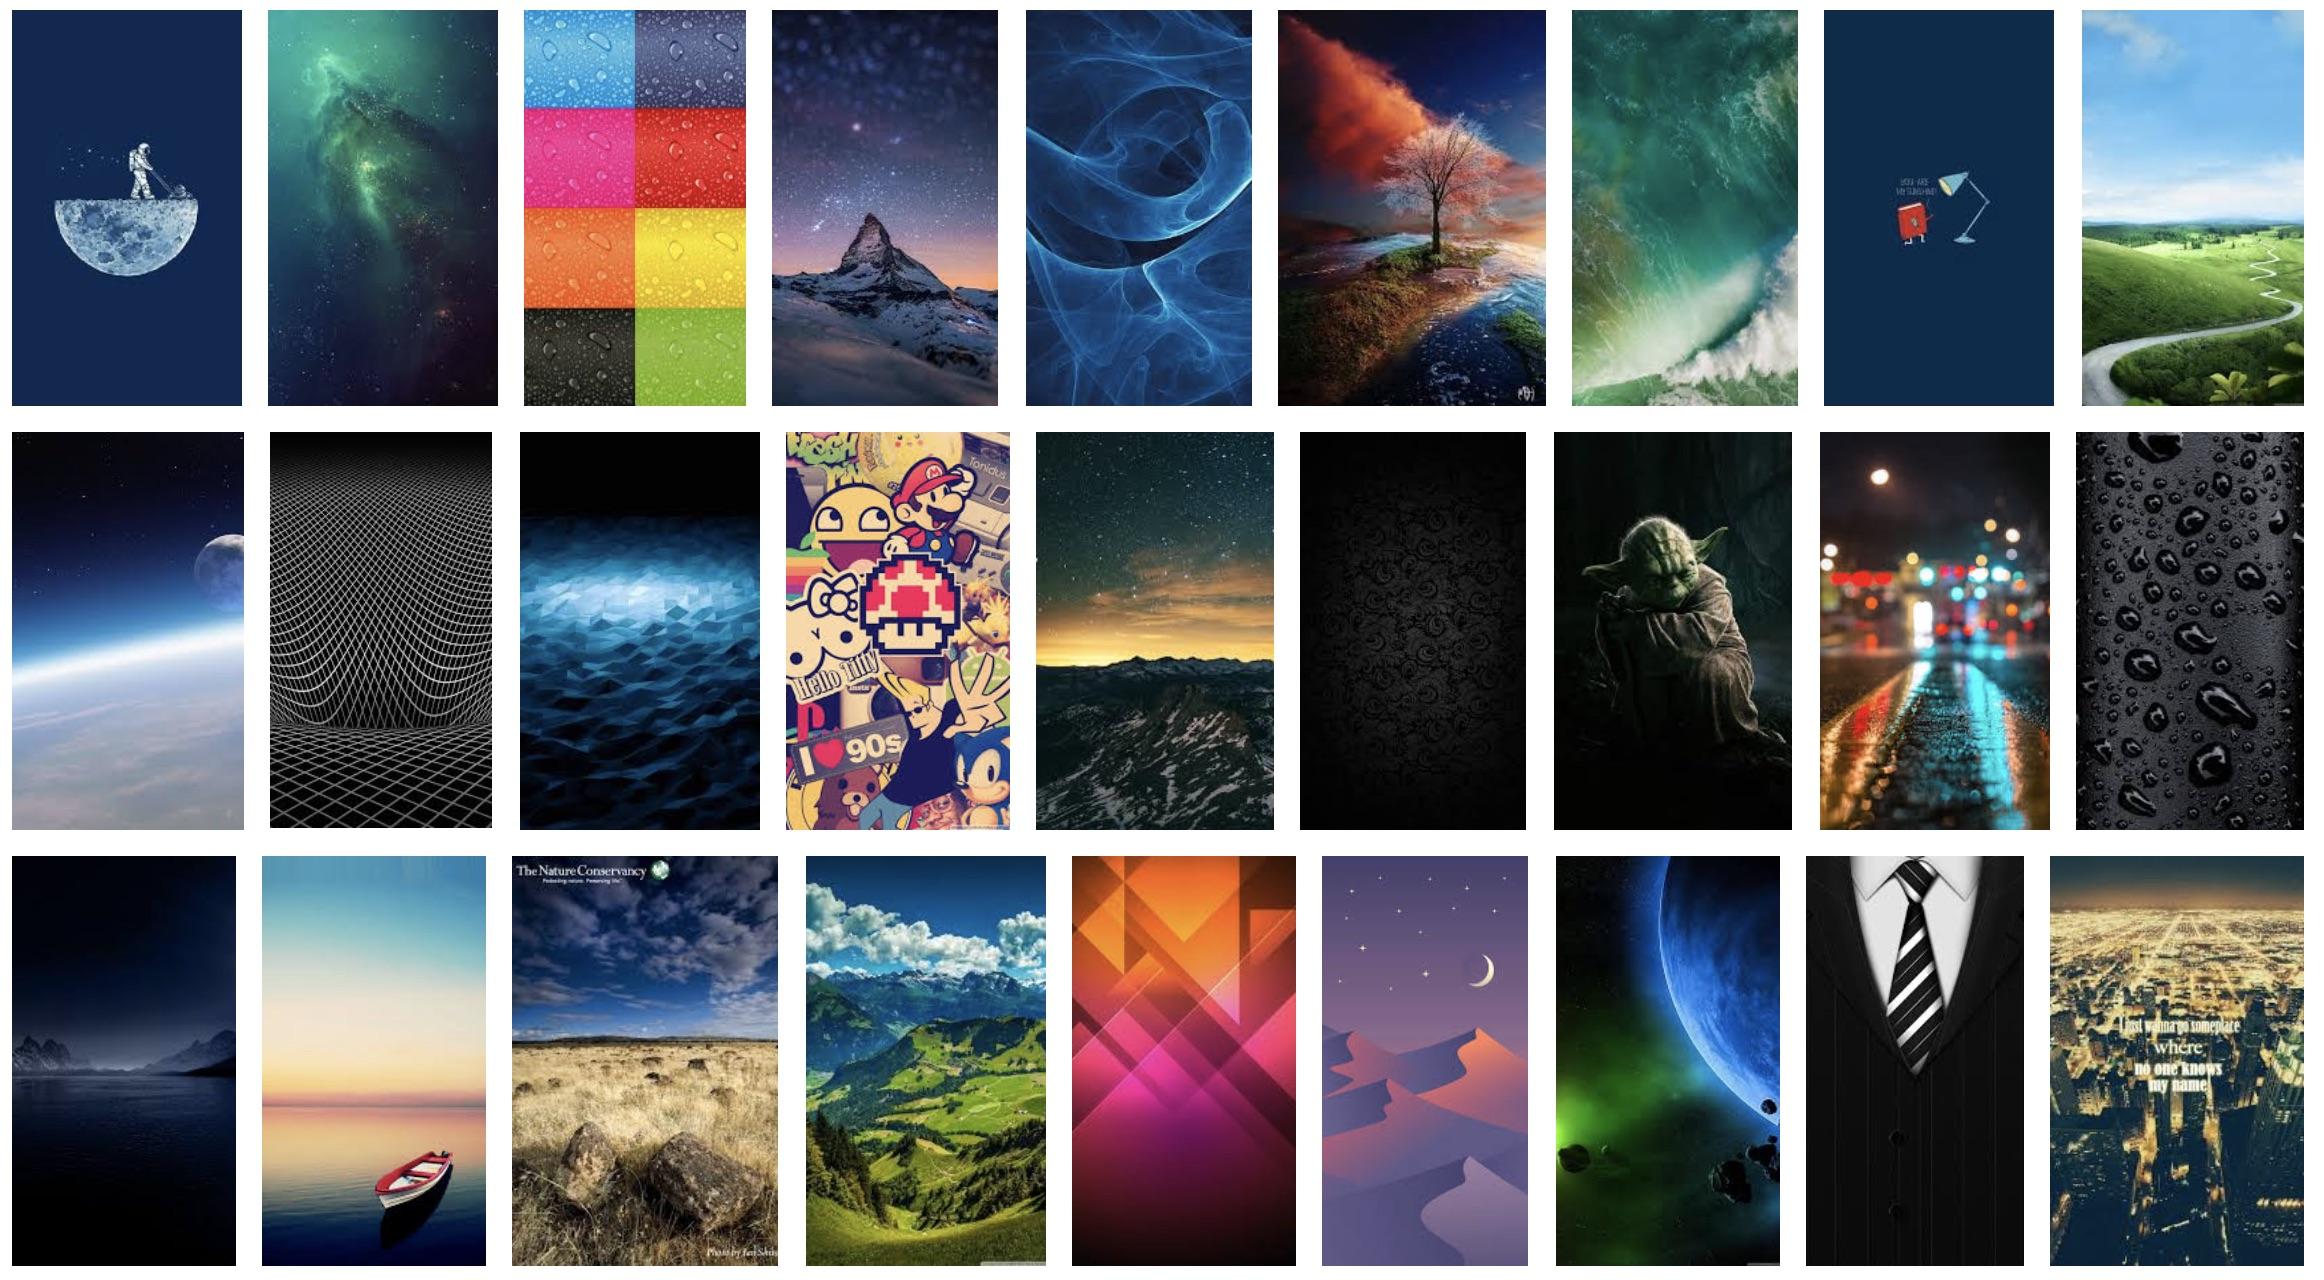 Las 5 Mejores Páginas Para Descargar Wallpapers Soytecno